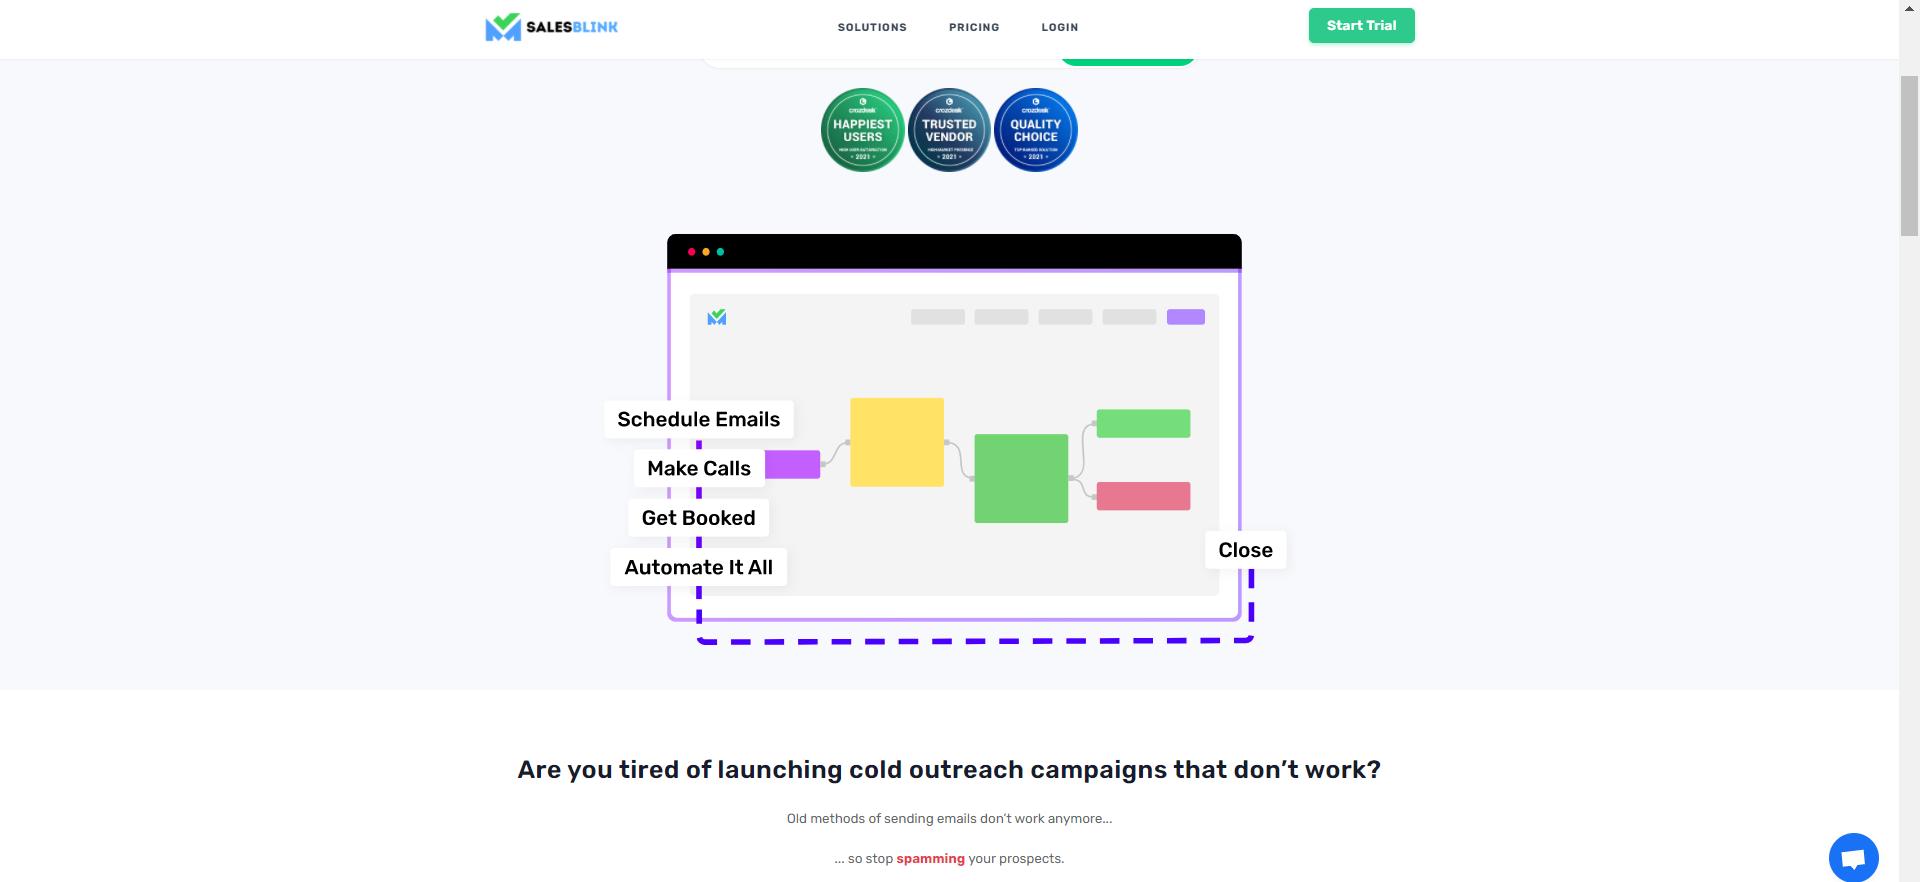 SalesBlink Homepage